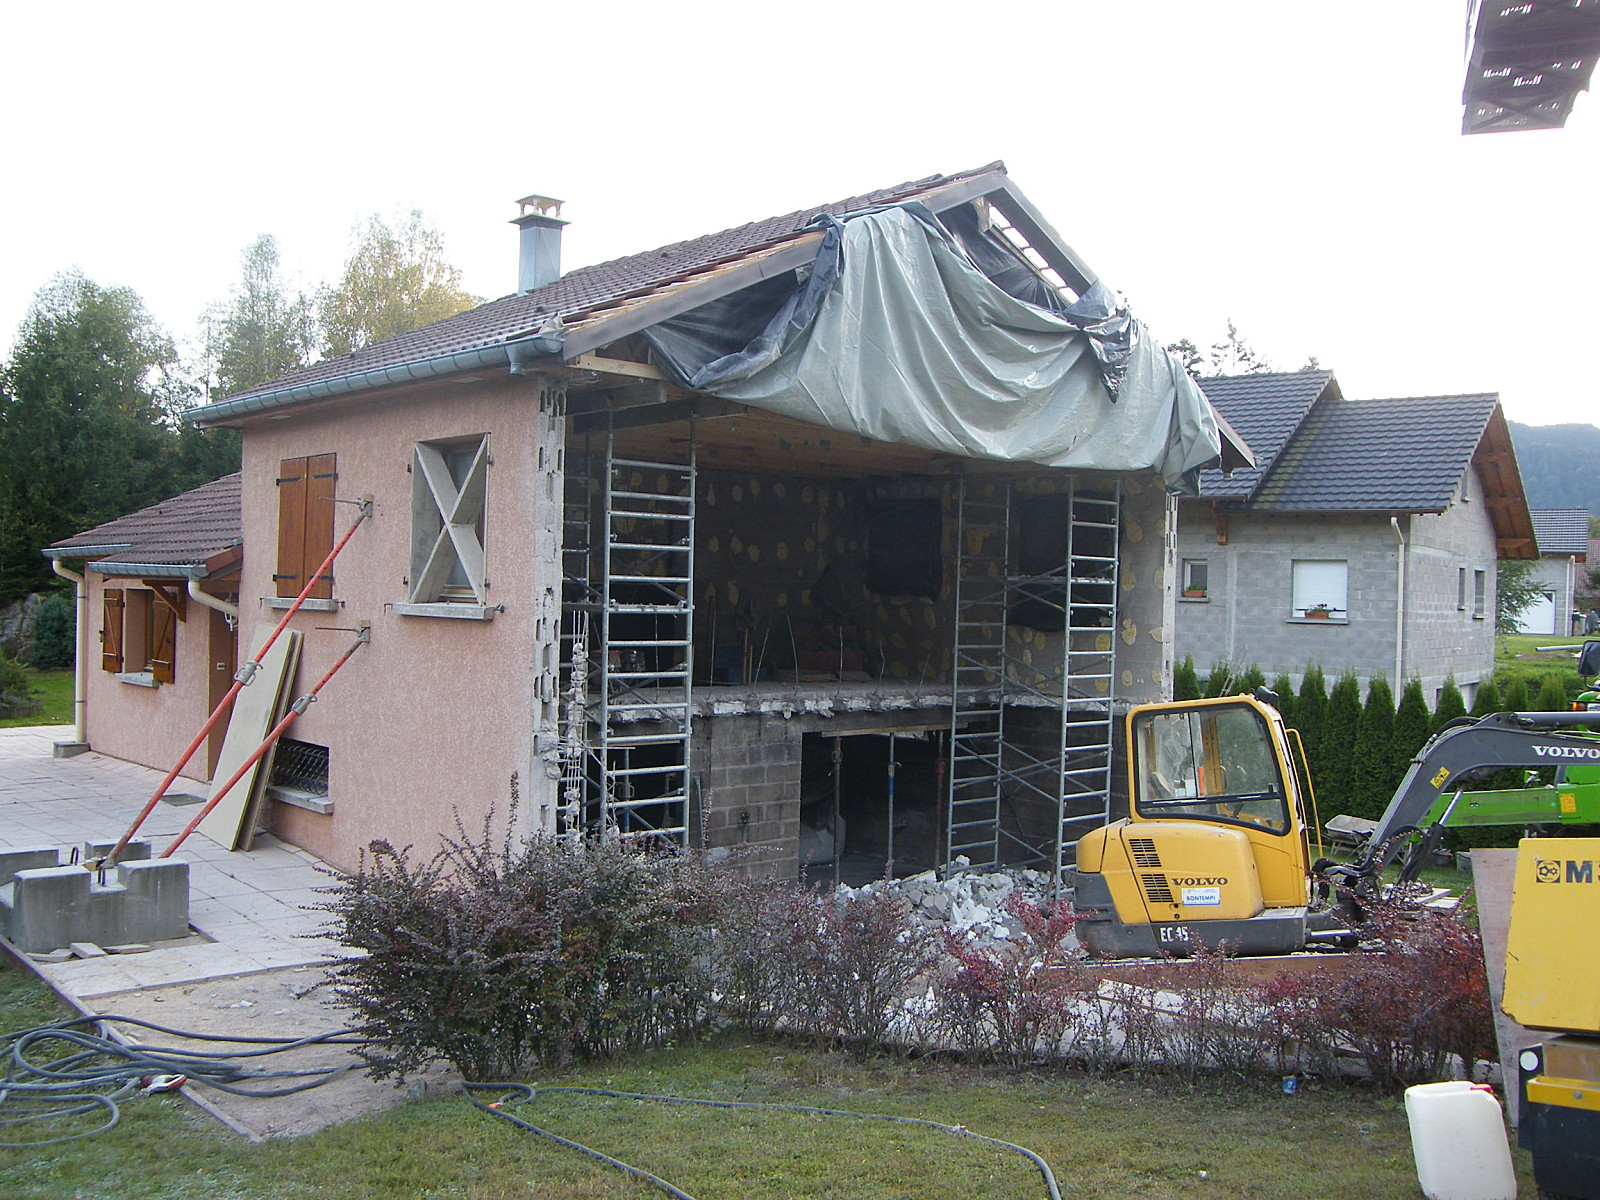 Rénovation d'un maison d'habitation après sinistre